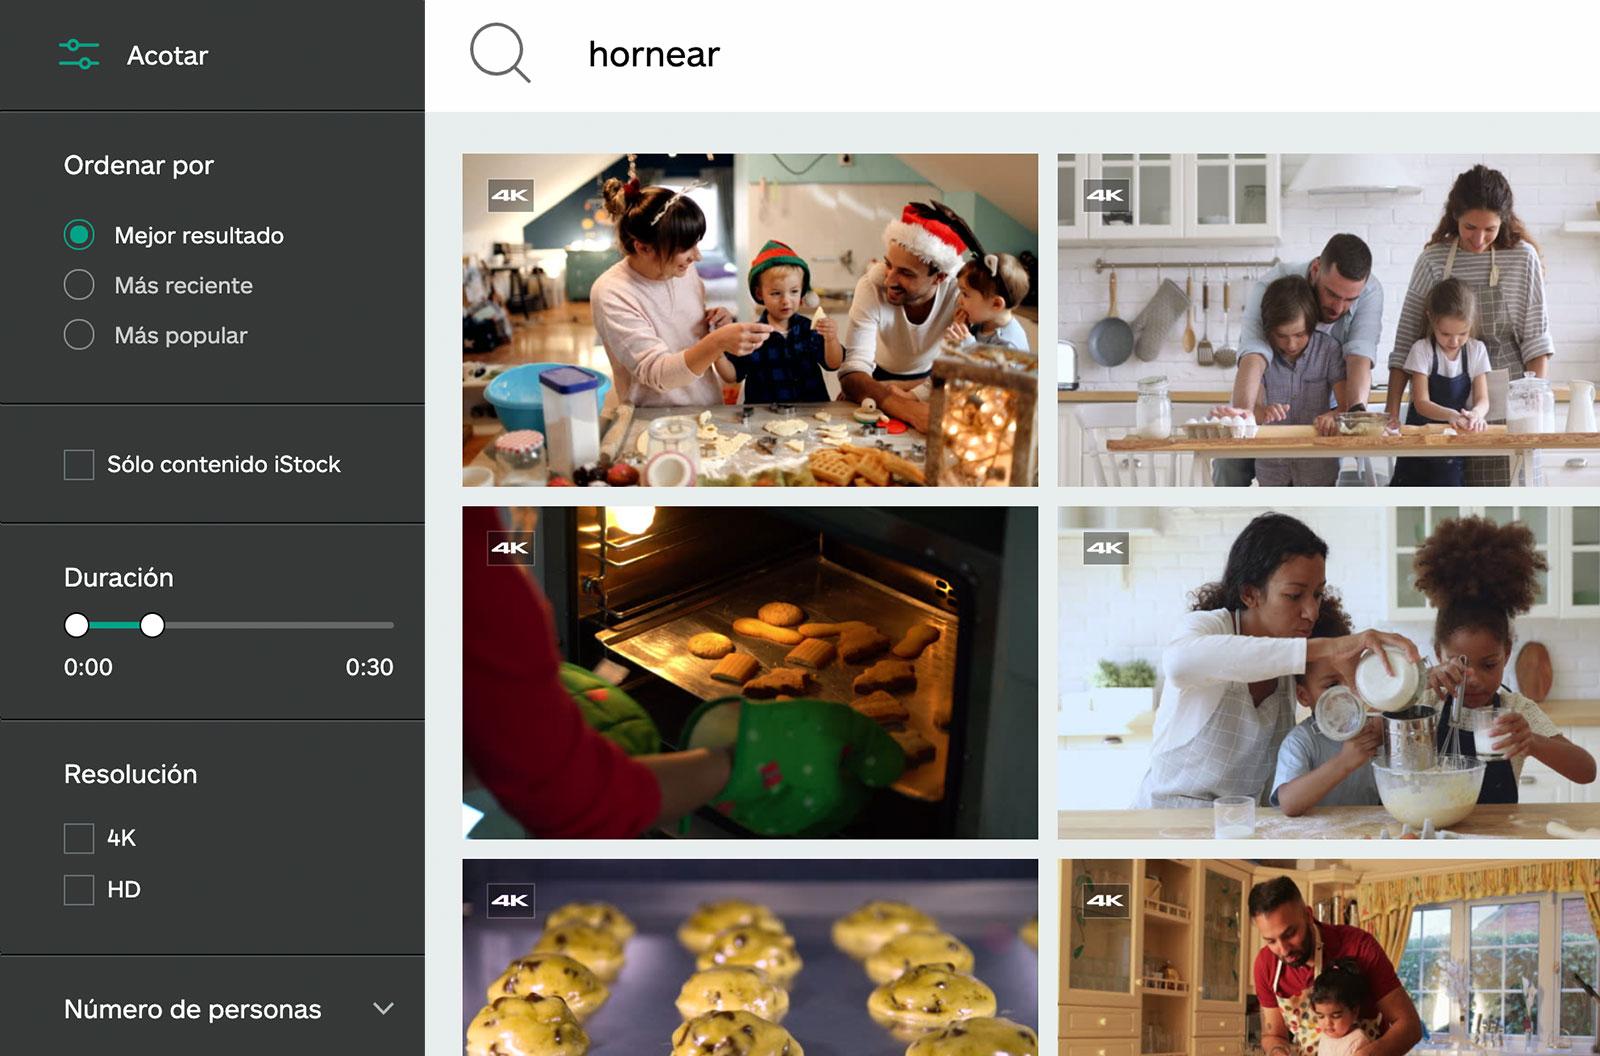 Captura de pantalla de resultados de búsqueda de vídeos de horneado